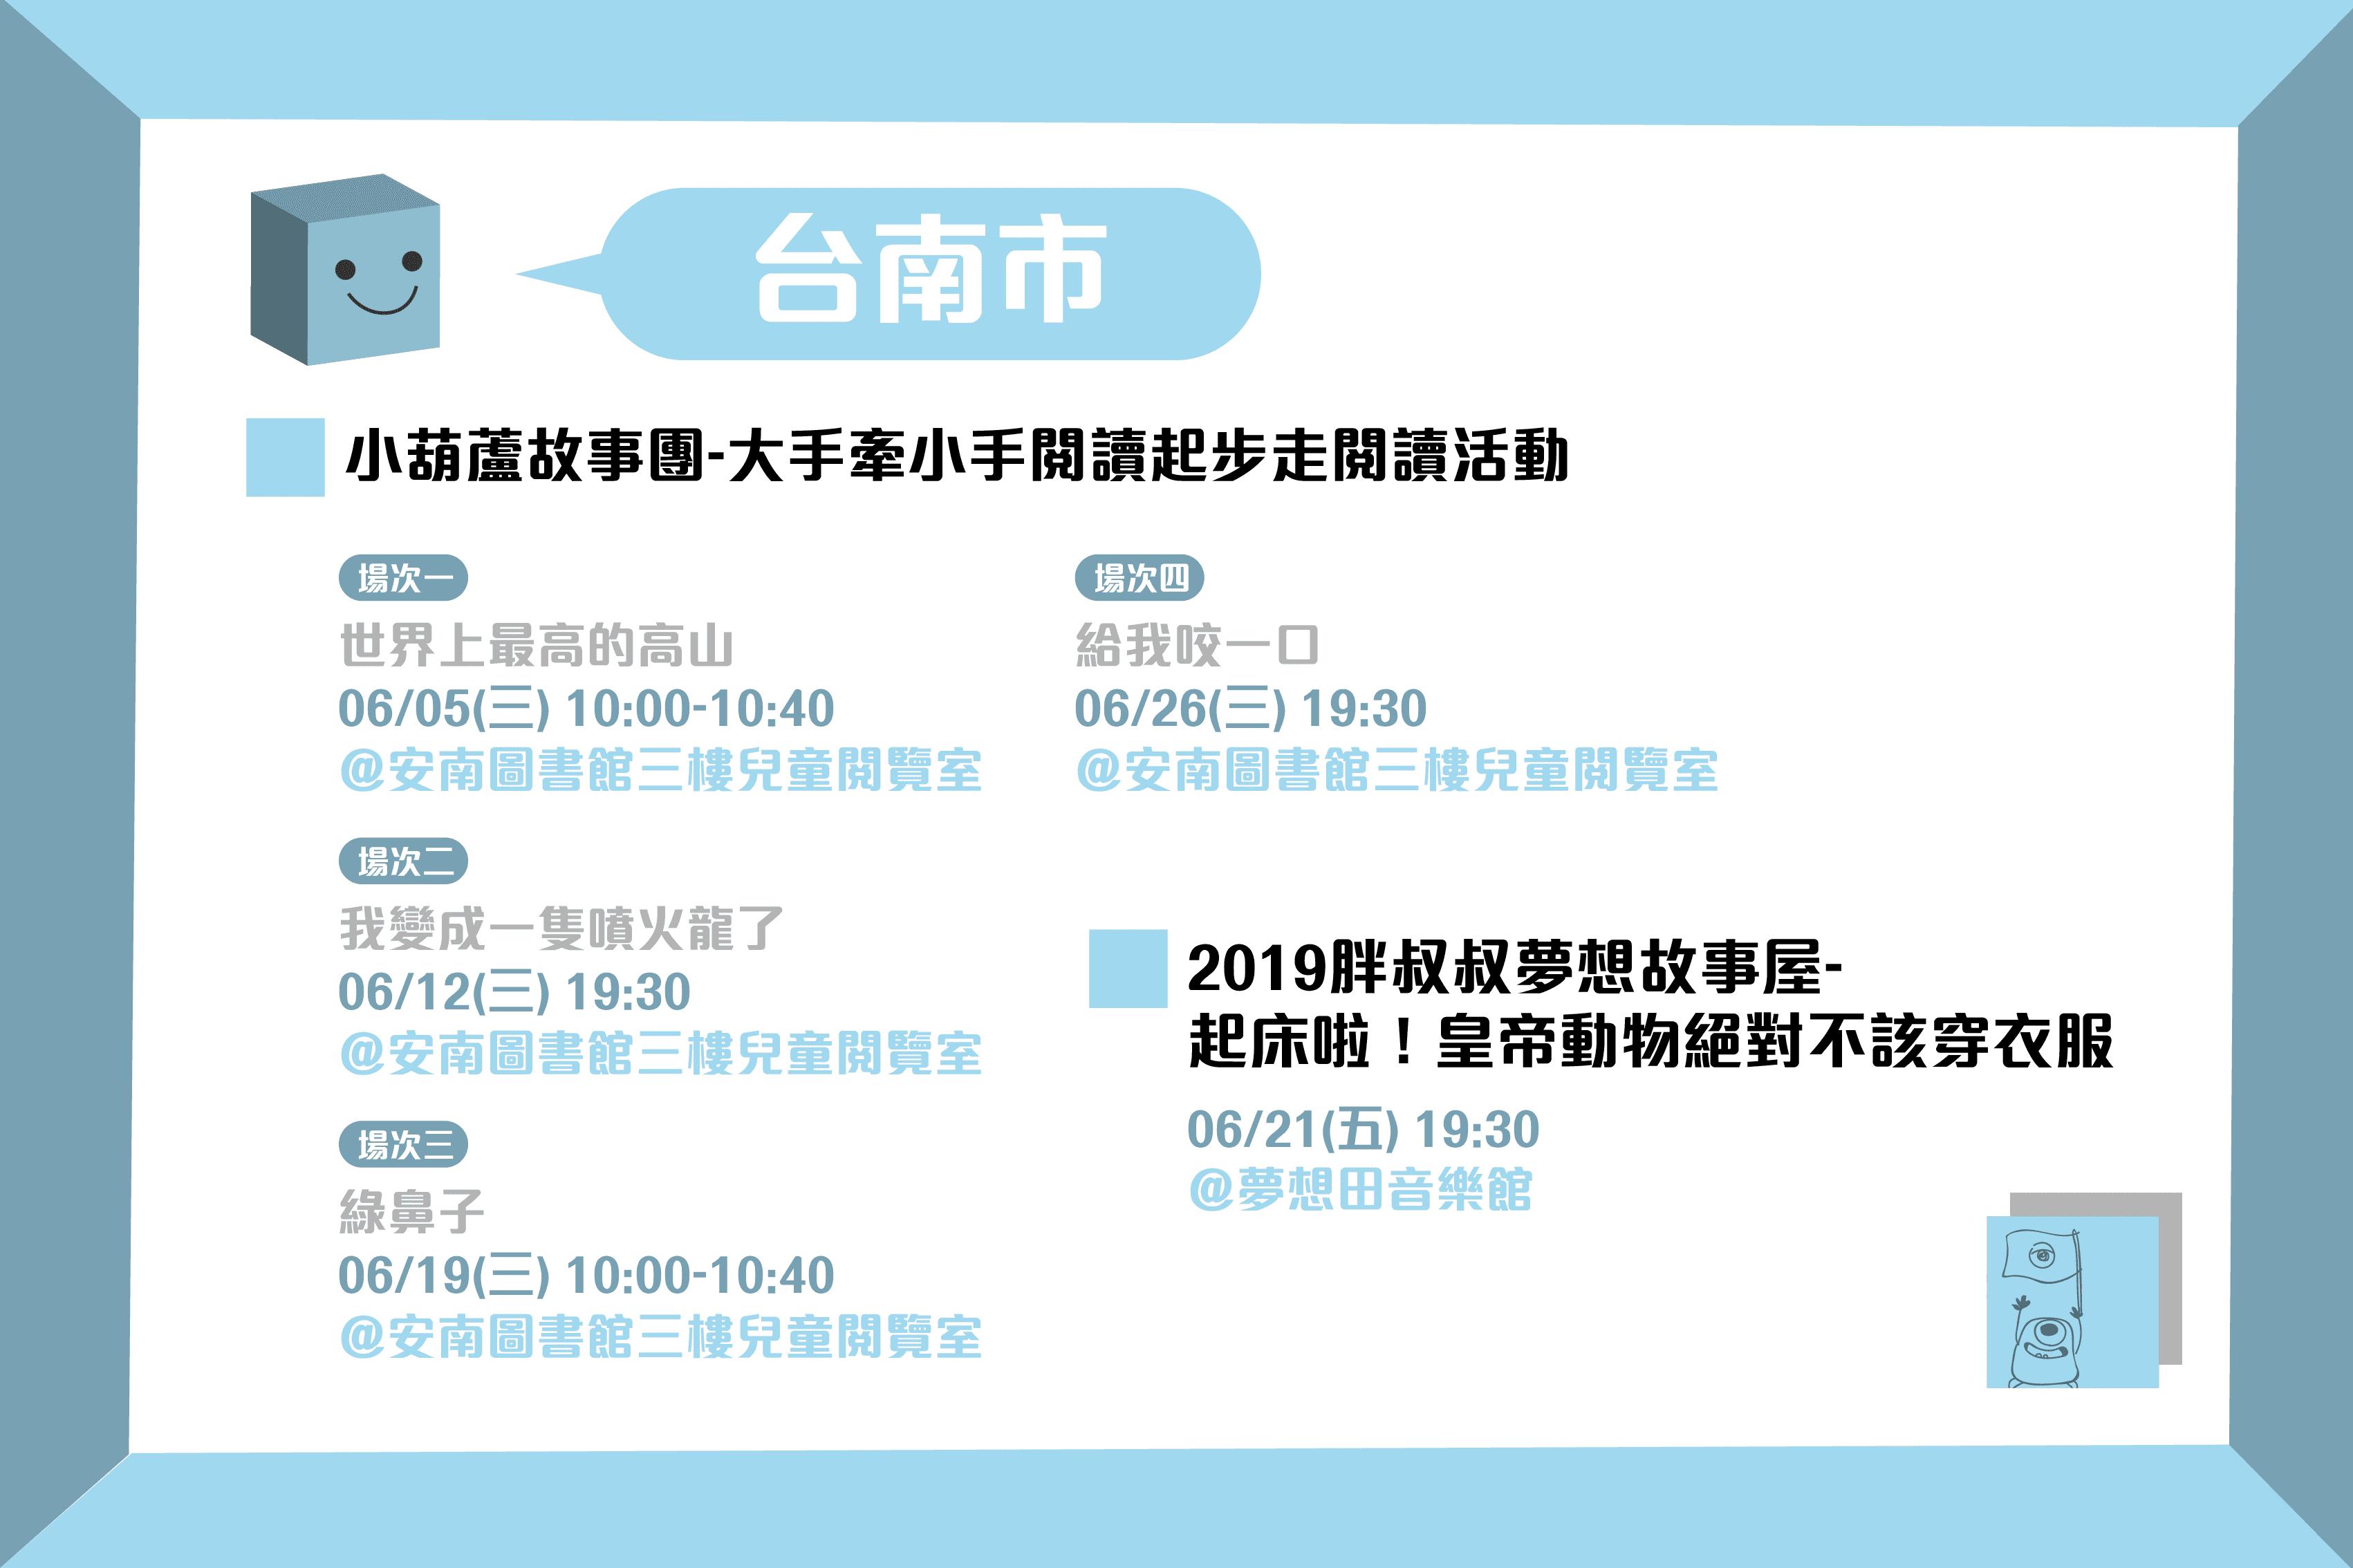 2019年6月說故事活動懶人包-台南